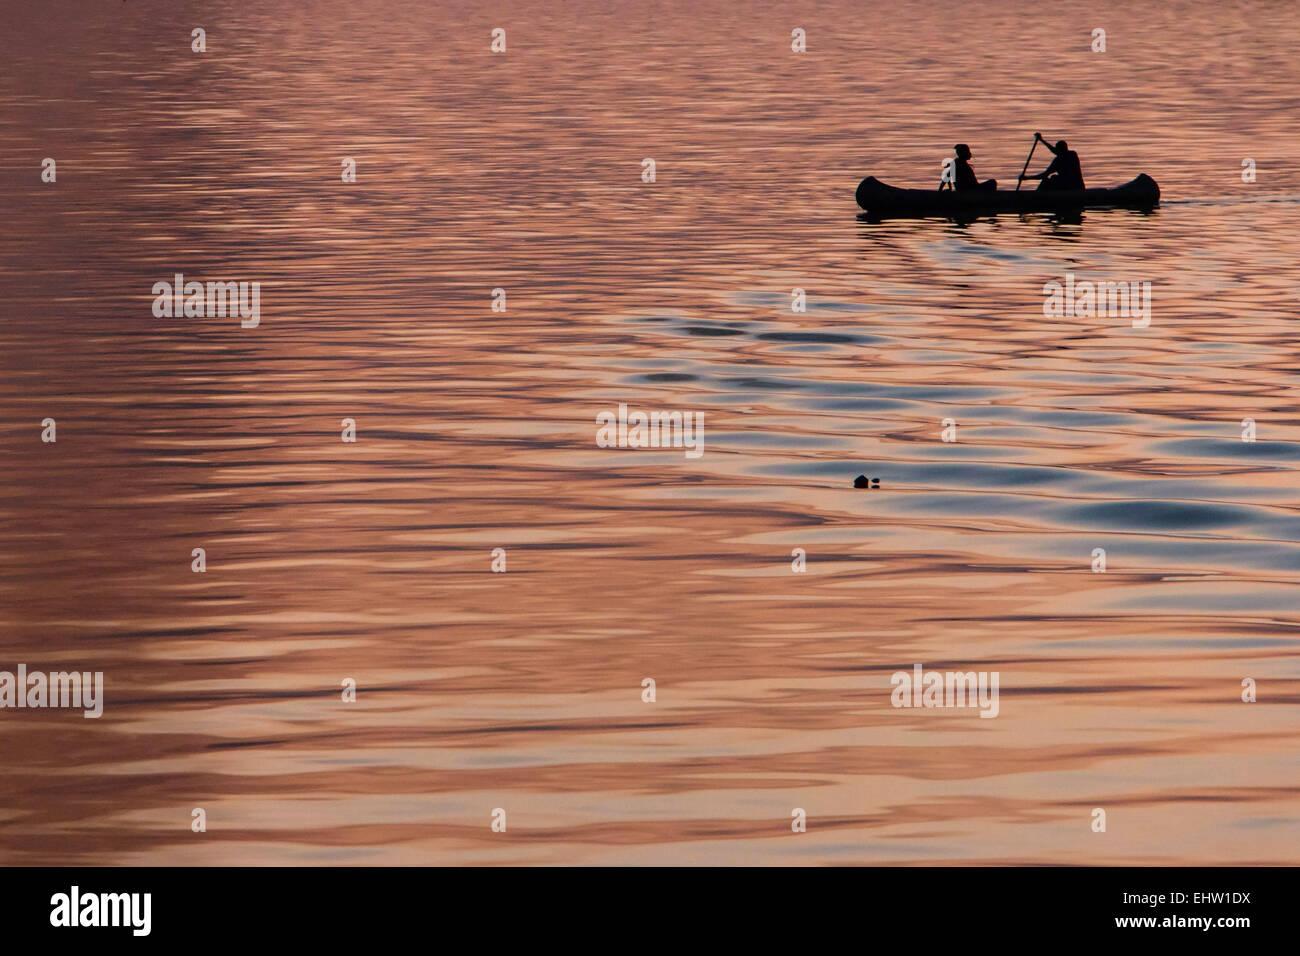 Ilustración de Senegal, África occidental Imagen De Stock